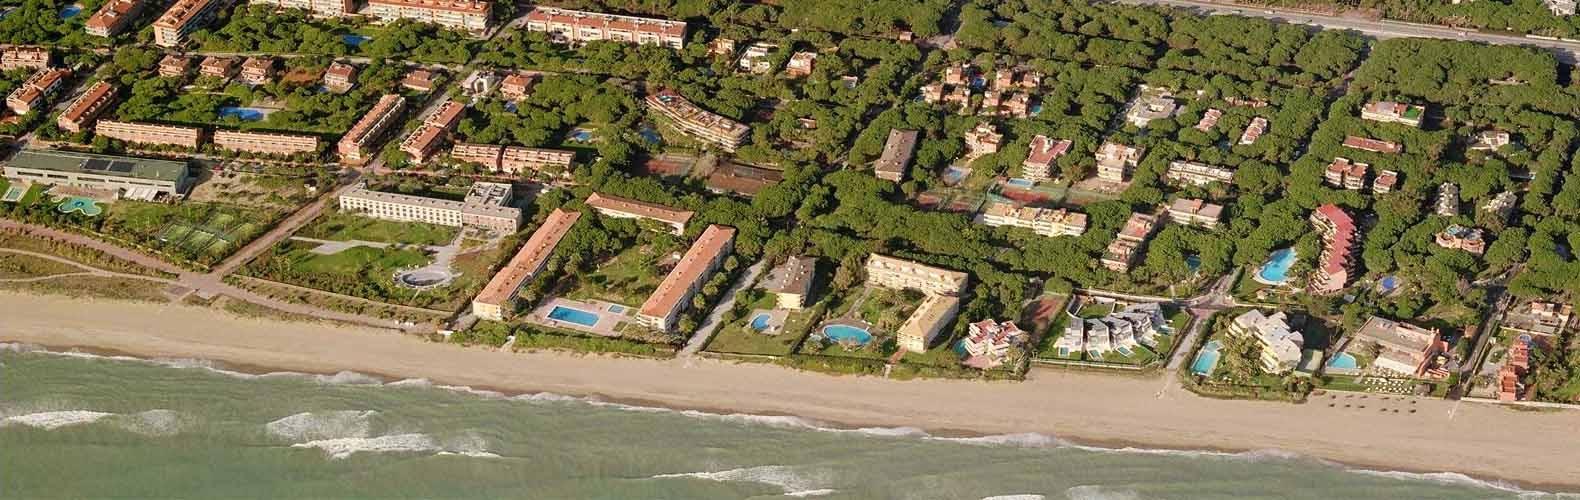 Casa y apartamentos en venta en Gava costa de Barcelona